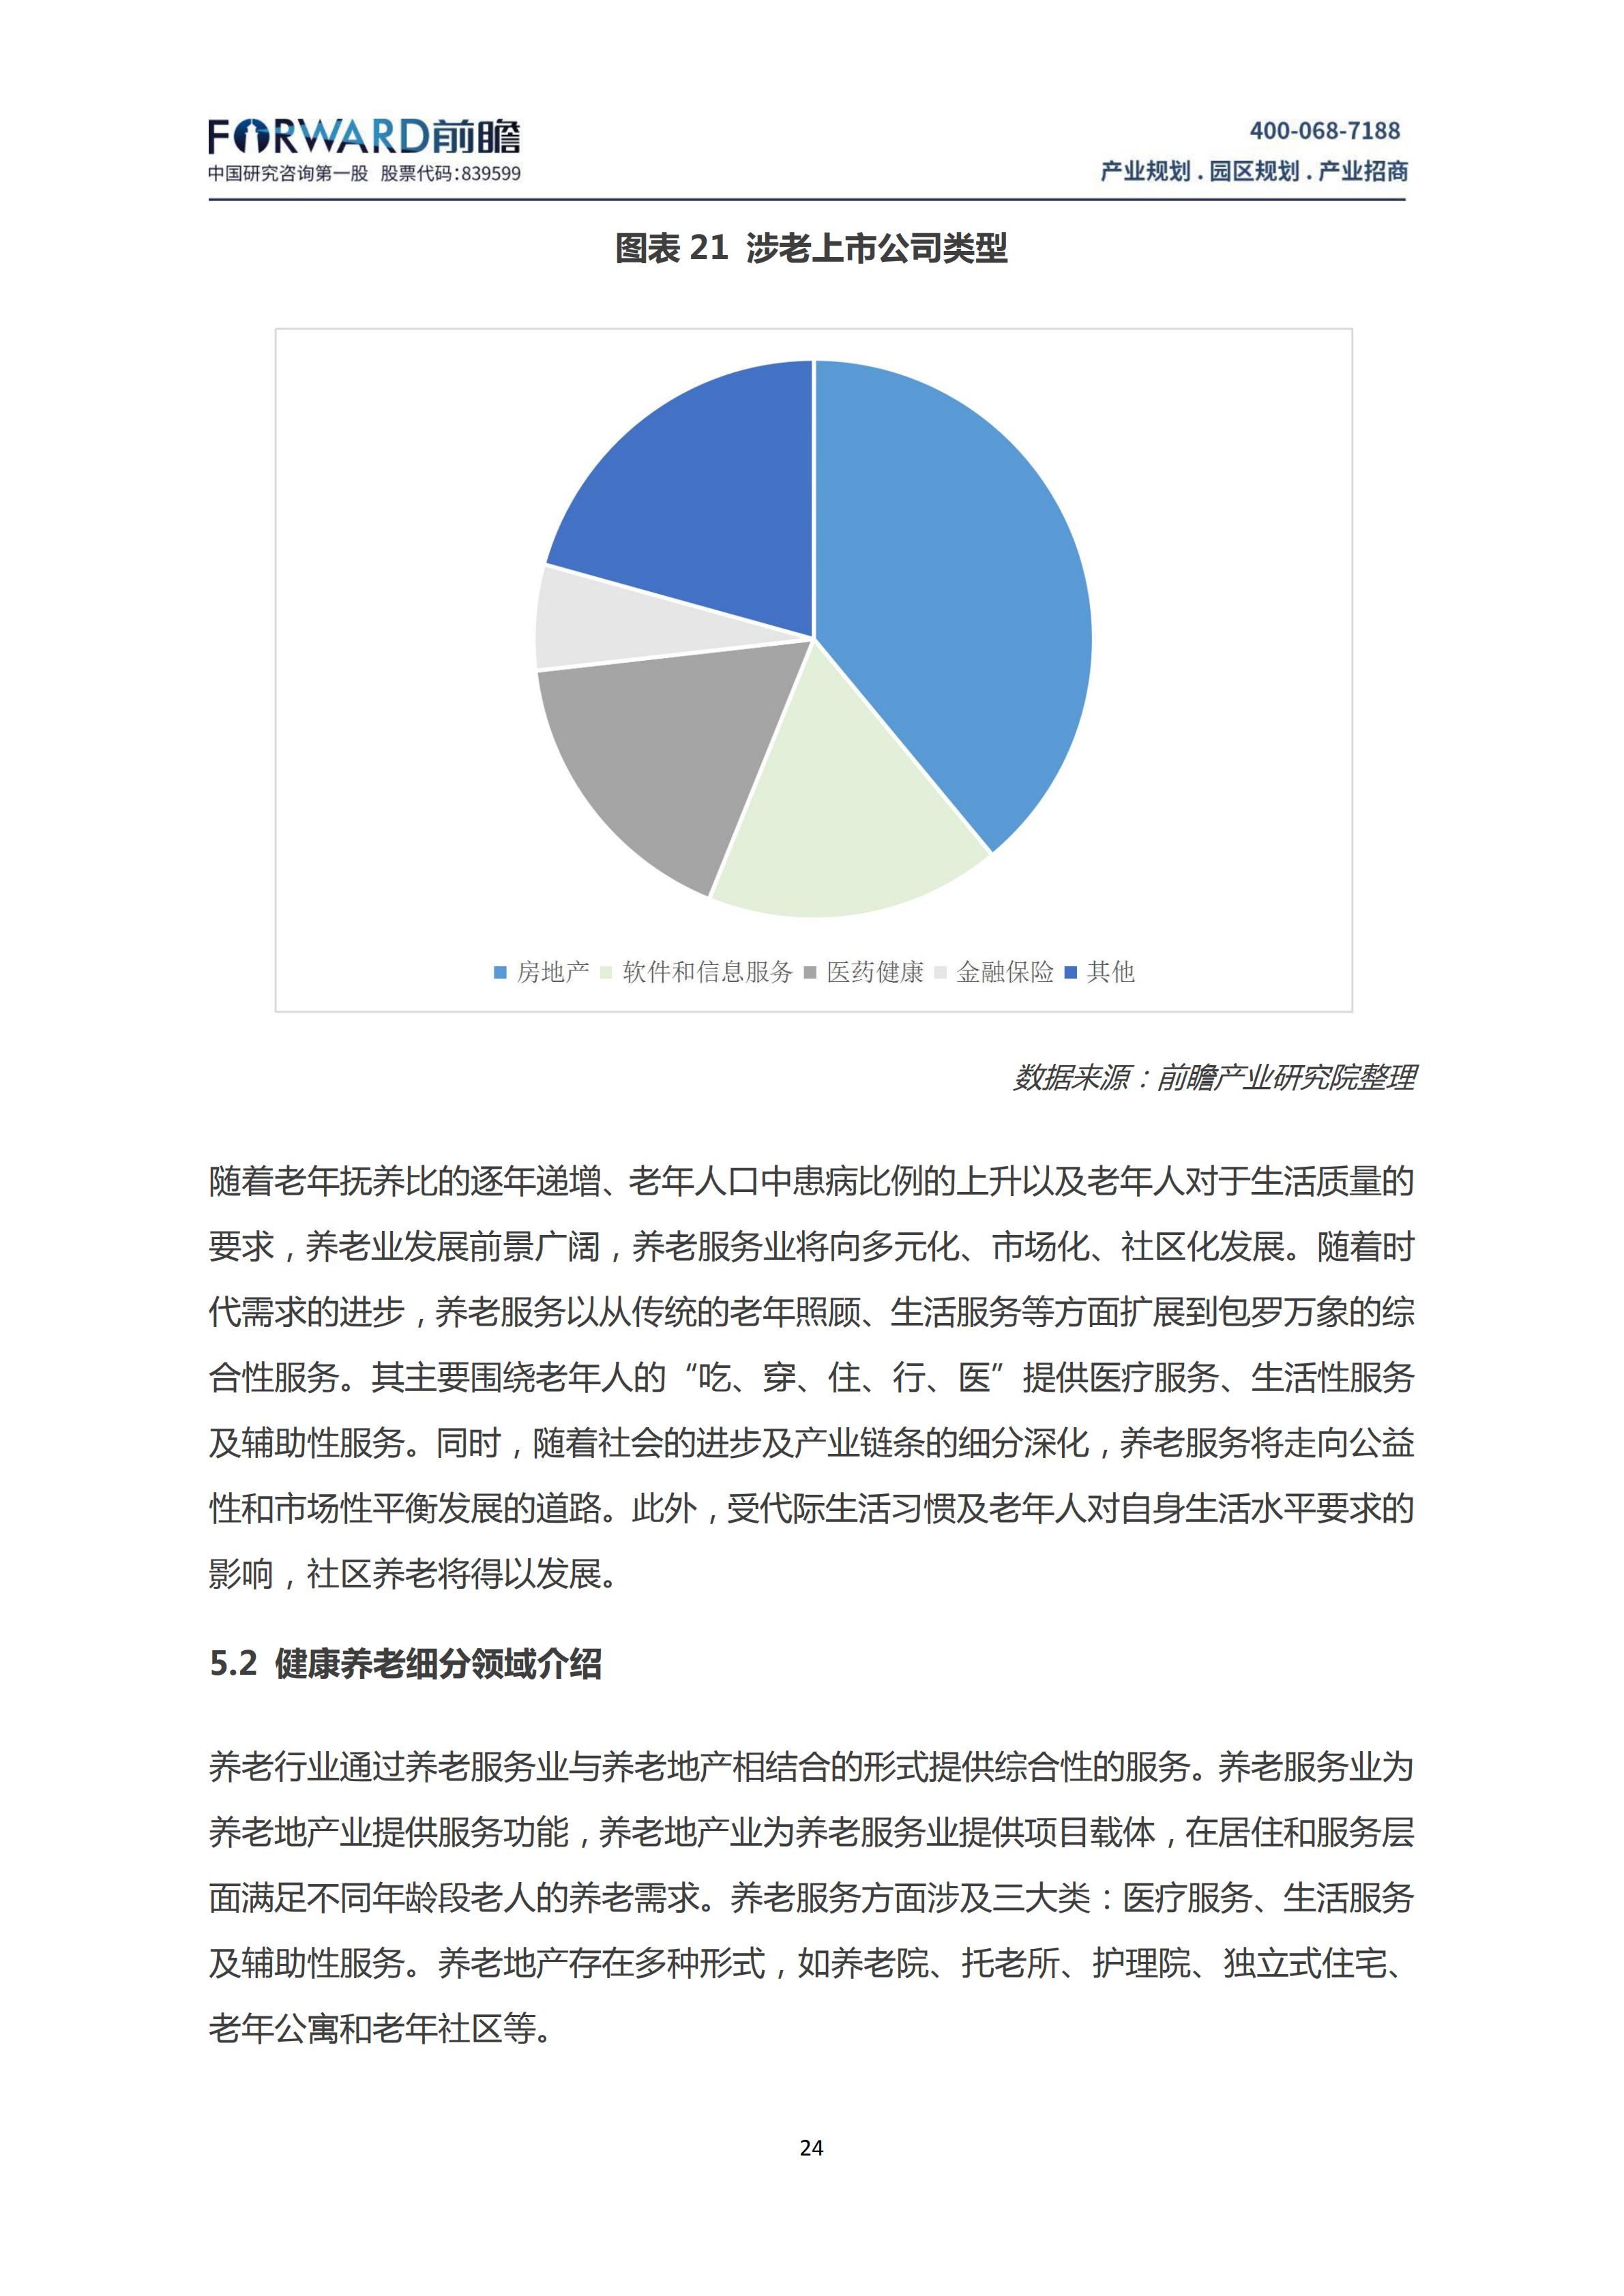 中国大健康产业发展现状及趋势分析_25.png